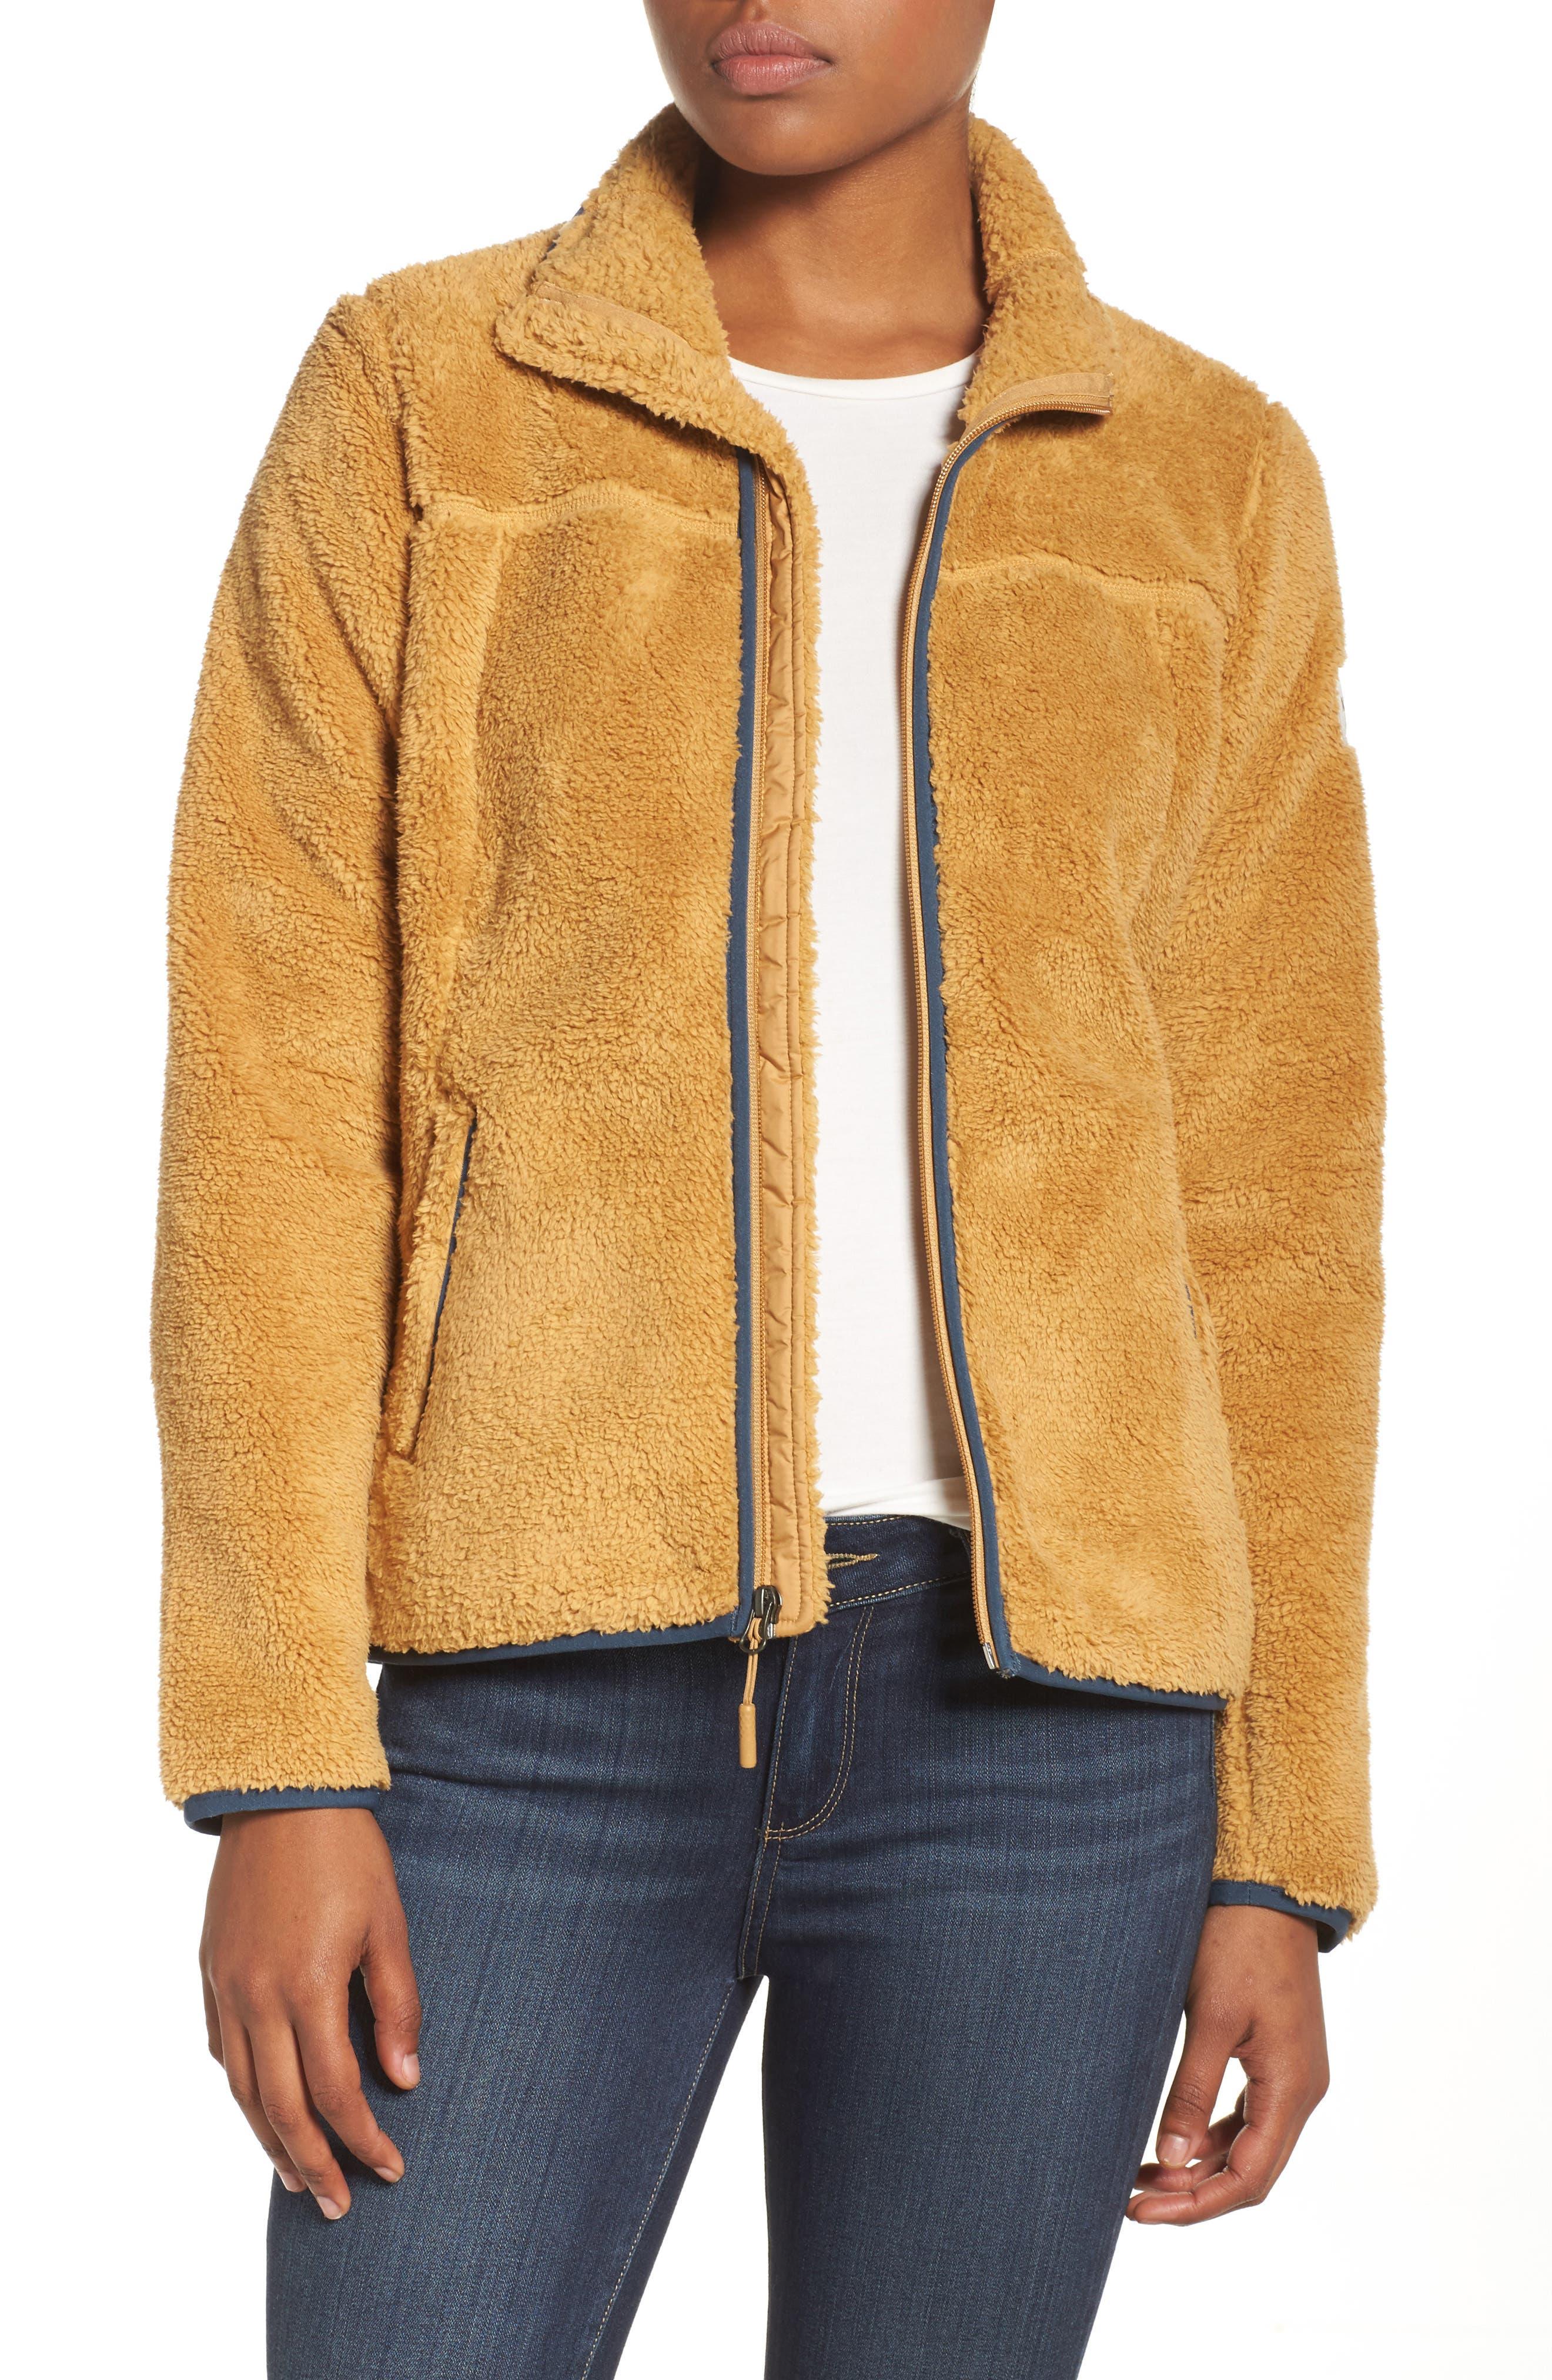 Campshire Zip Jacket,                         Main,                         color, Biscuit Tan